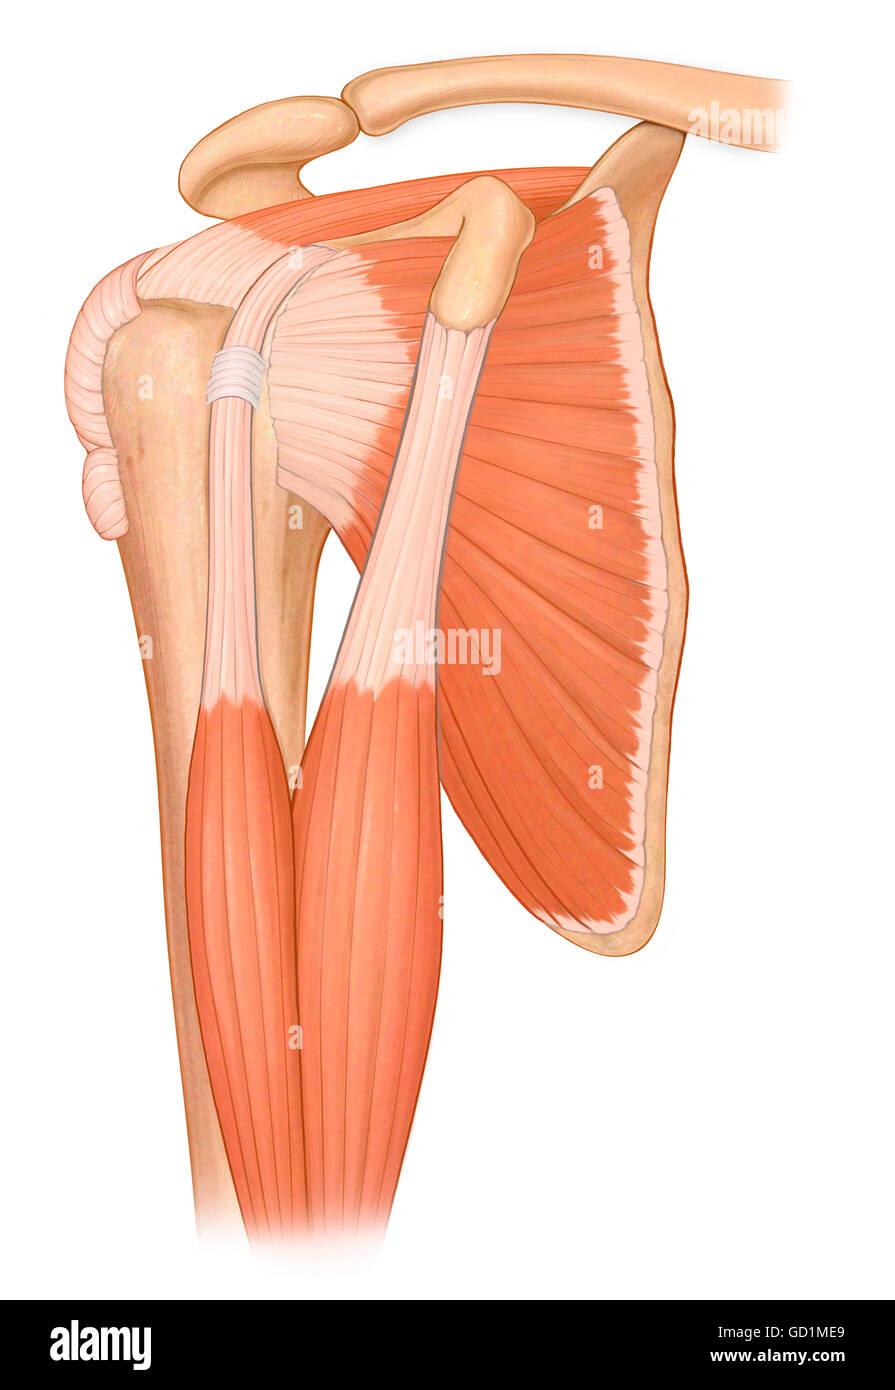 Tre quarti di visualizzare il normale articolazione spalla con bicipite e dei  muscoli della cuffia dei 3a477746872e